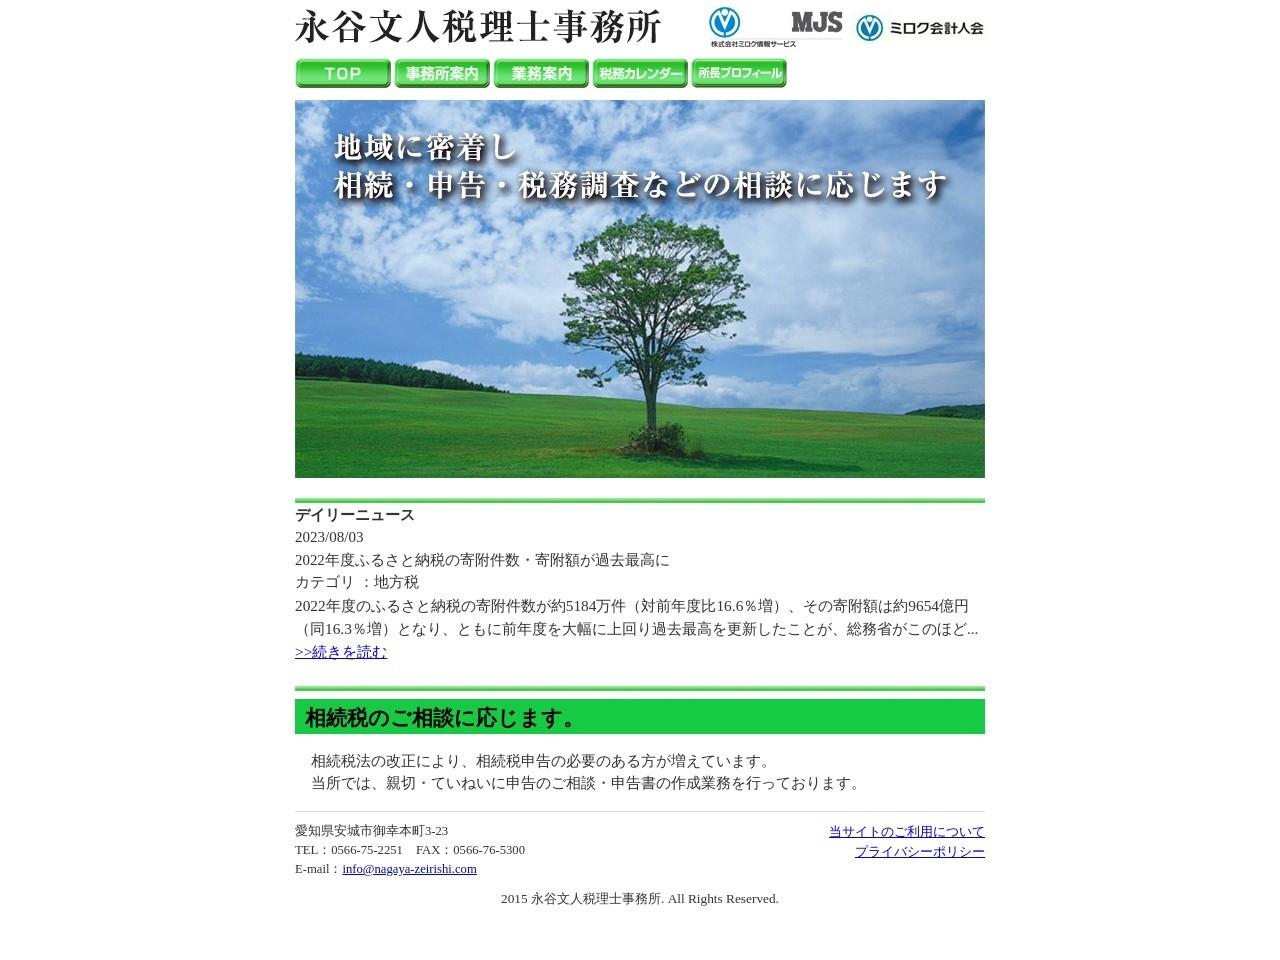 永谷文人税理士事務所